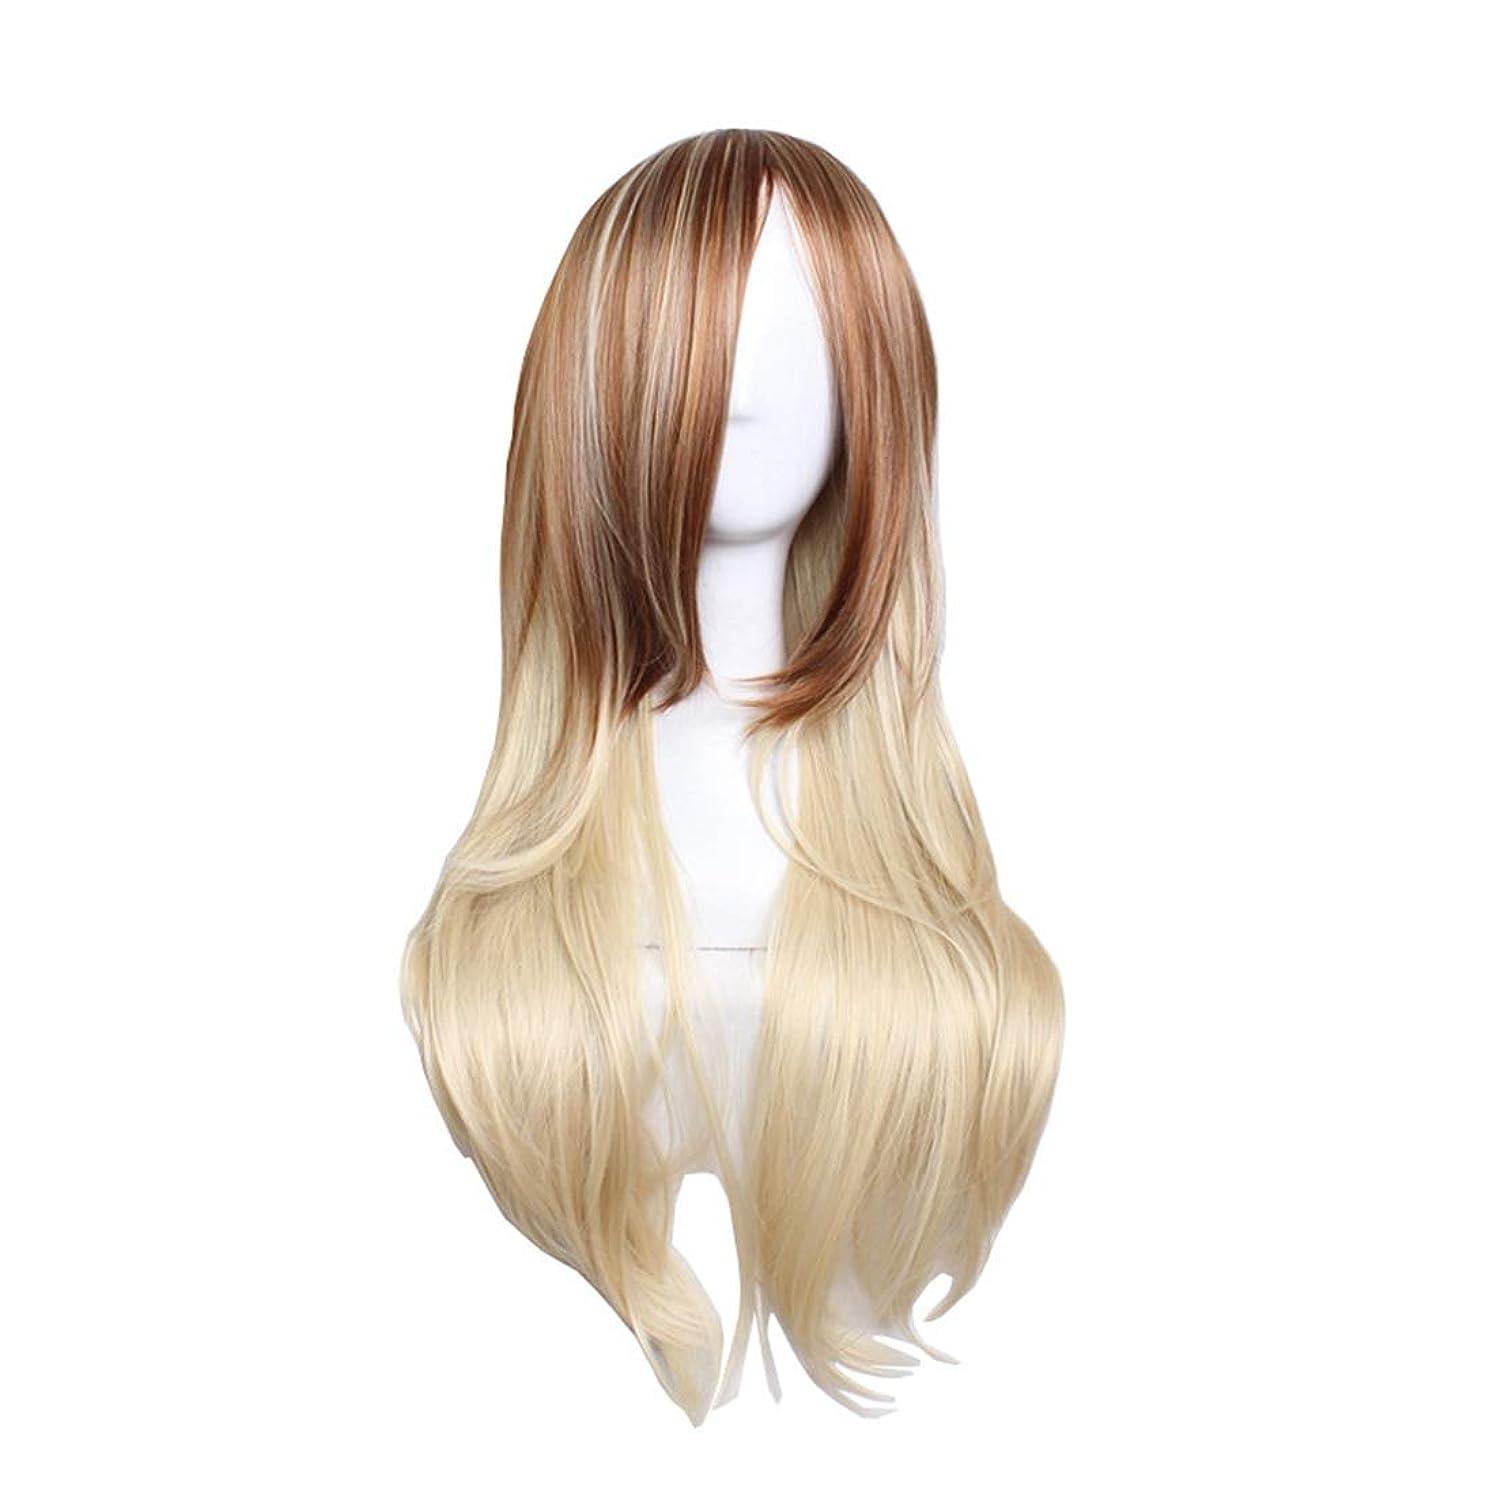 花火申し立てられた手伝うJIANFU コスプレ ファッション ロング バンズ 長い カーリー 髪 グラデーション ゴールデン ビッグ ウェーブ ウィッグ (Color : Brown gradient pale gold)